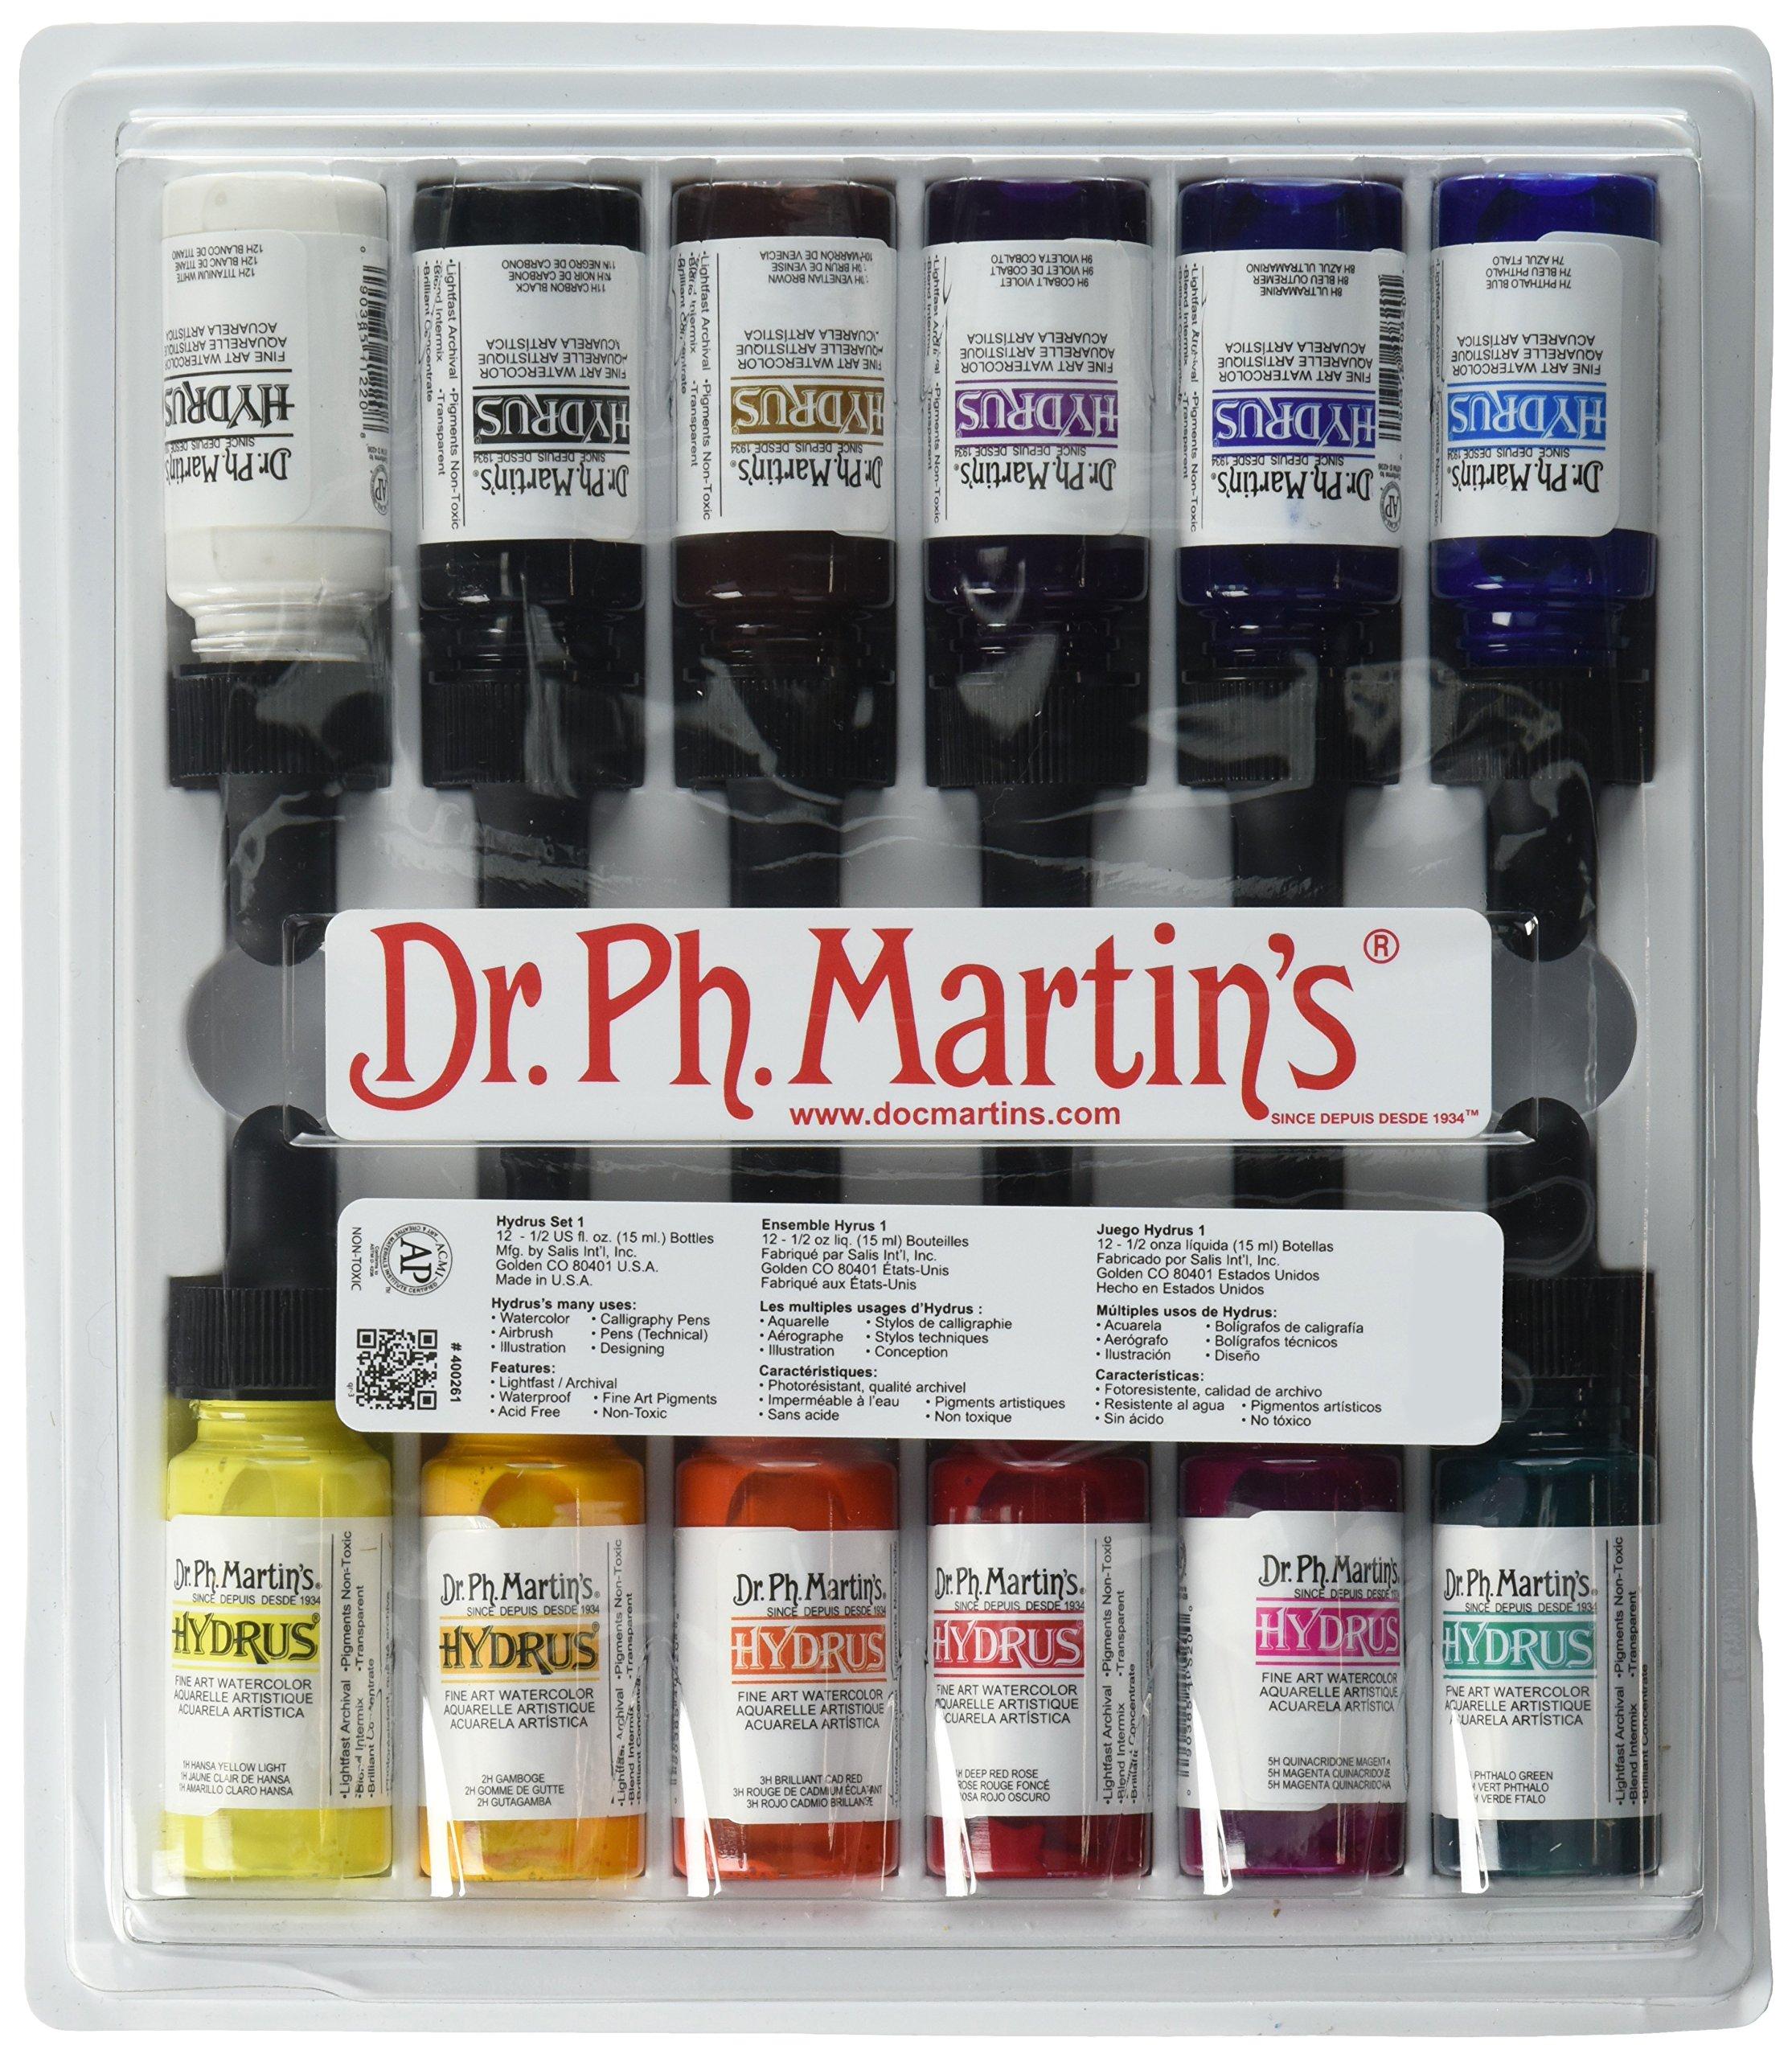 Dr. Ph. Martin's 400261-XXX Hydrus Fine Art Watercolor Bottles, 0.5 oz, Set of 12 (Set 1)